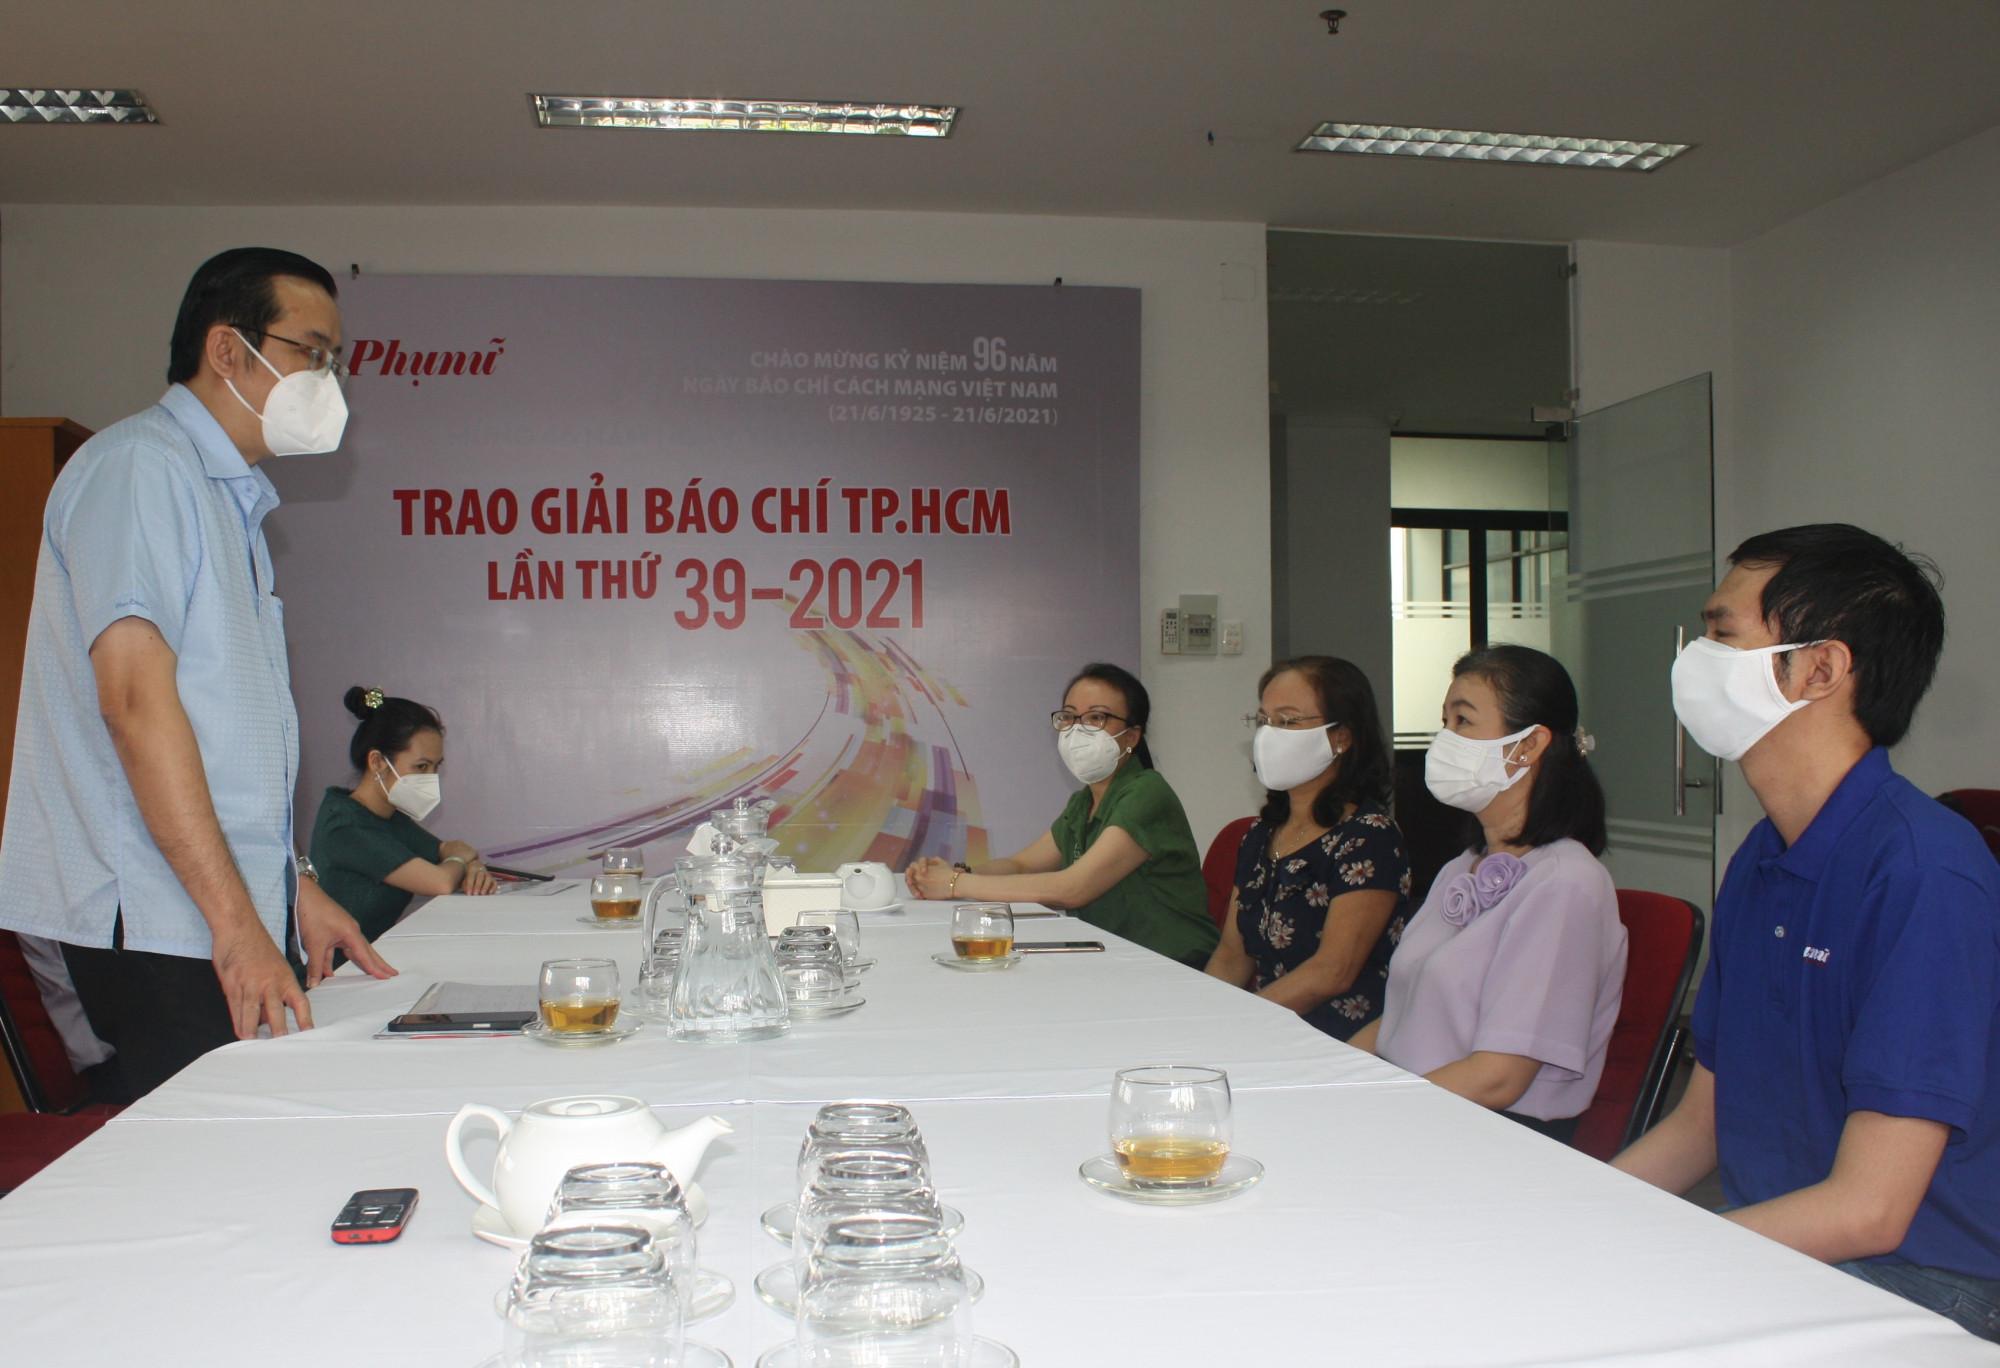 Ông Lê Văn Minh - Phó trưởng Ban Tuyên giáo Thành ủy TPHCM - dẫn đầu đoàn công tác Thành ủy đến thăm hỏi, trao qùa động viên Báo Phụ Nữ TPHCM. Ảnh: Quốc Ngọc